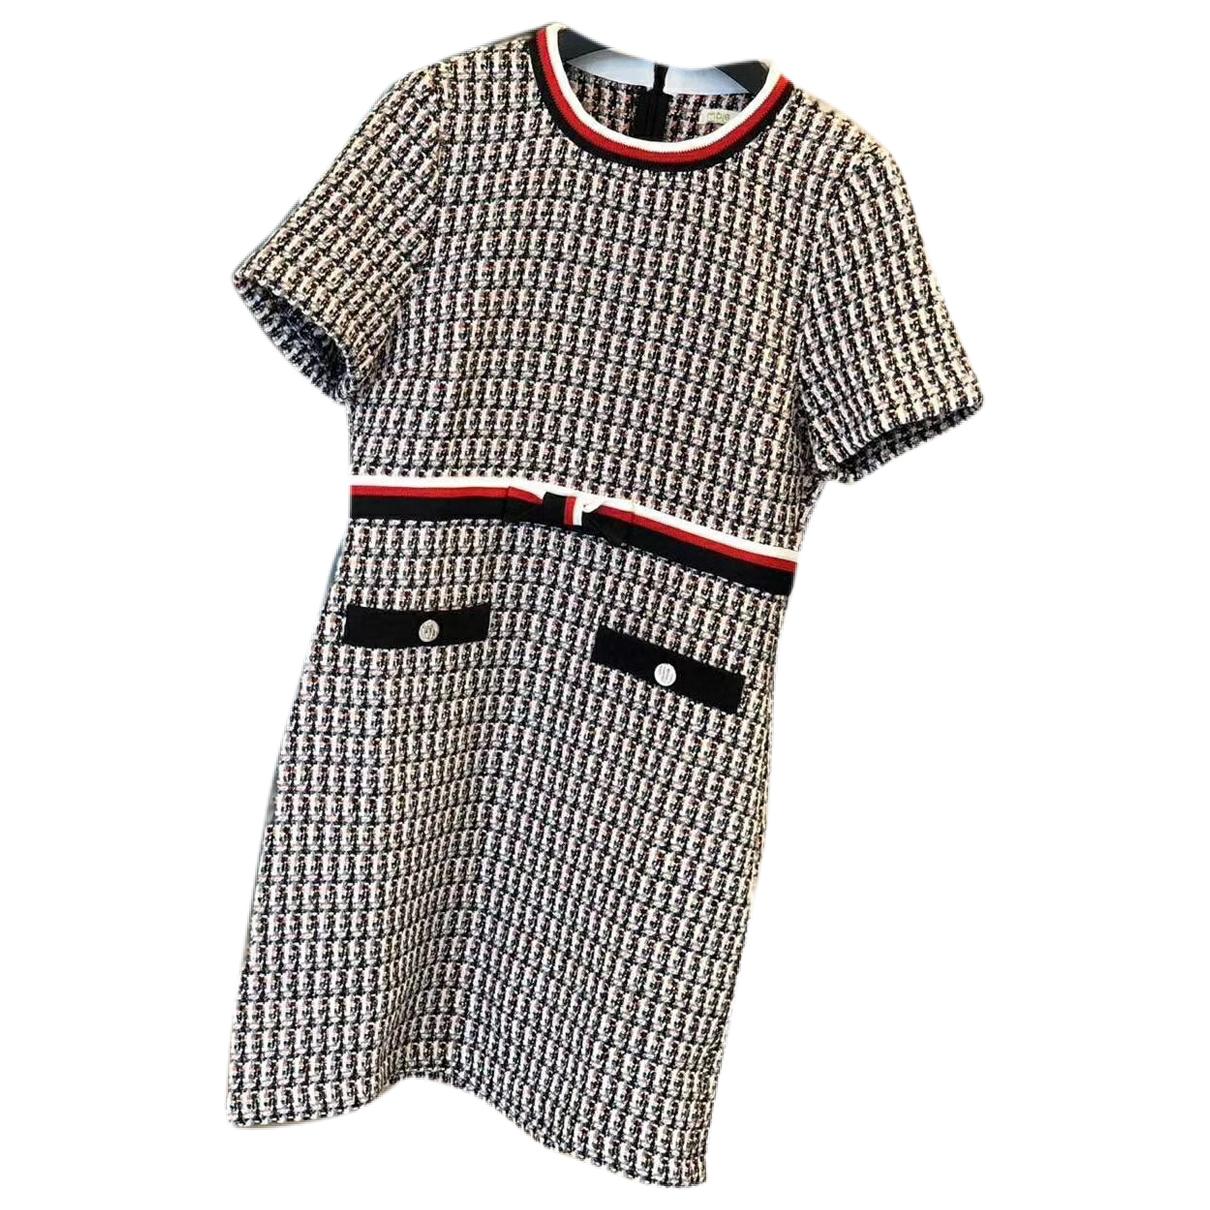 Maje Spring Summer 2020 Multicolour dress for Women 38 FR